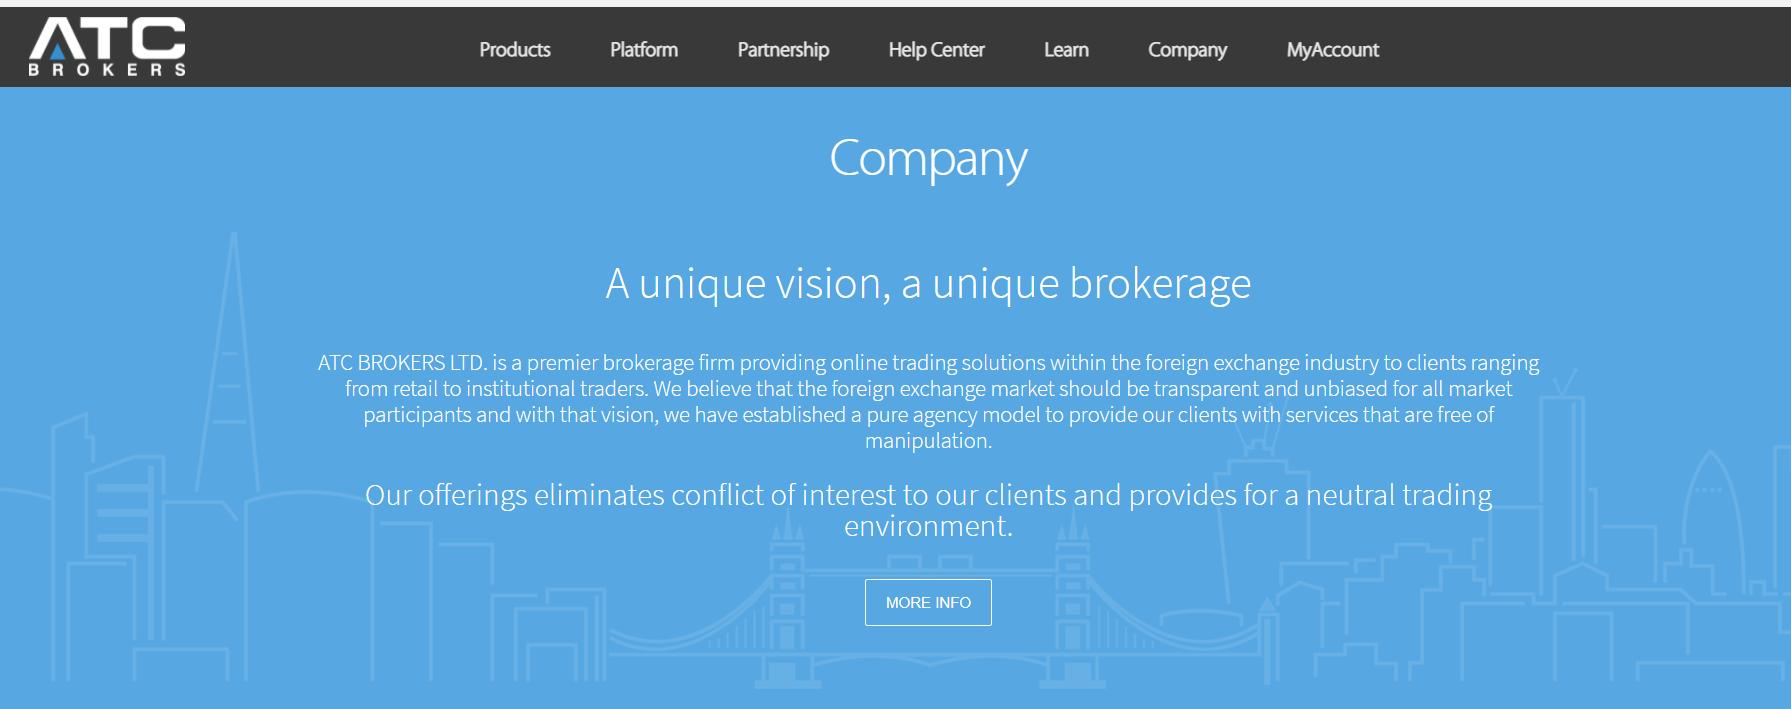 торговые условия atc brokers